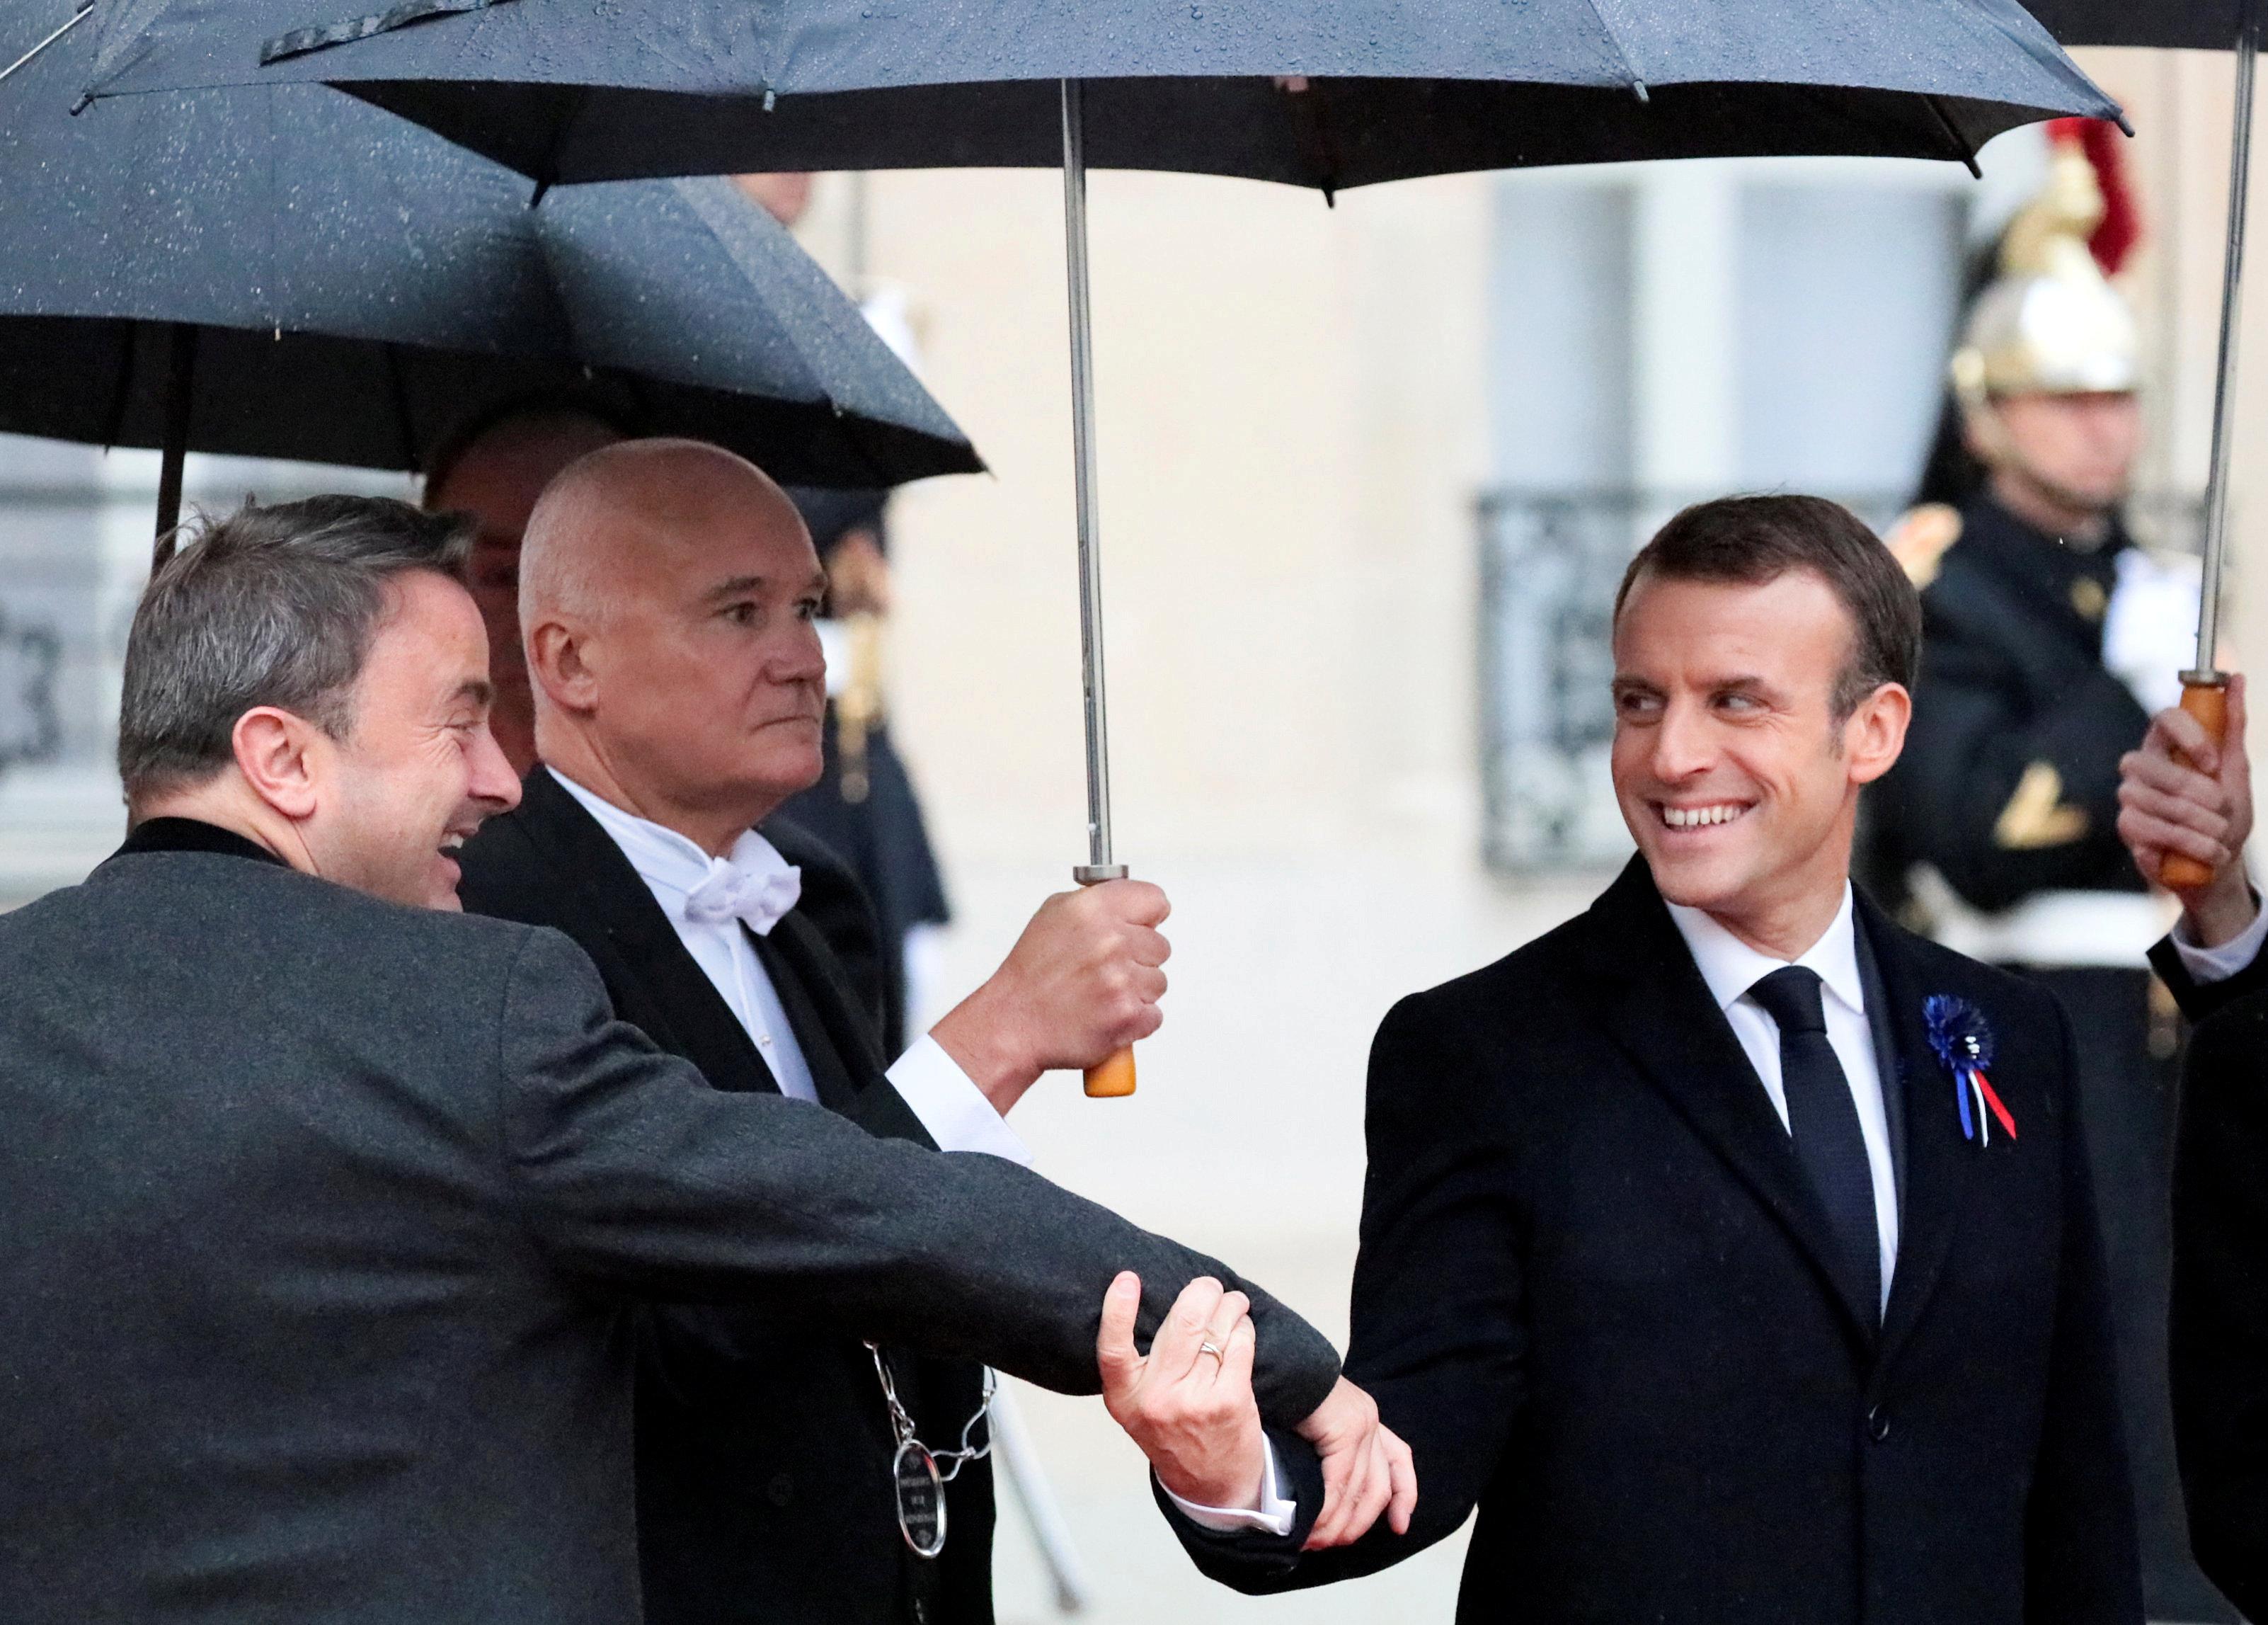 الرئيس الفرنسى إيمانويل ماكرون مع رئيس وزراء لوكسمبورج